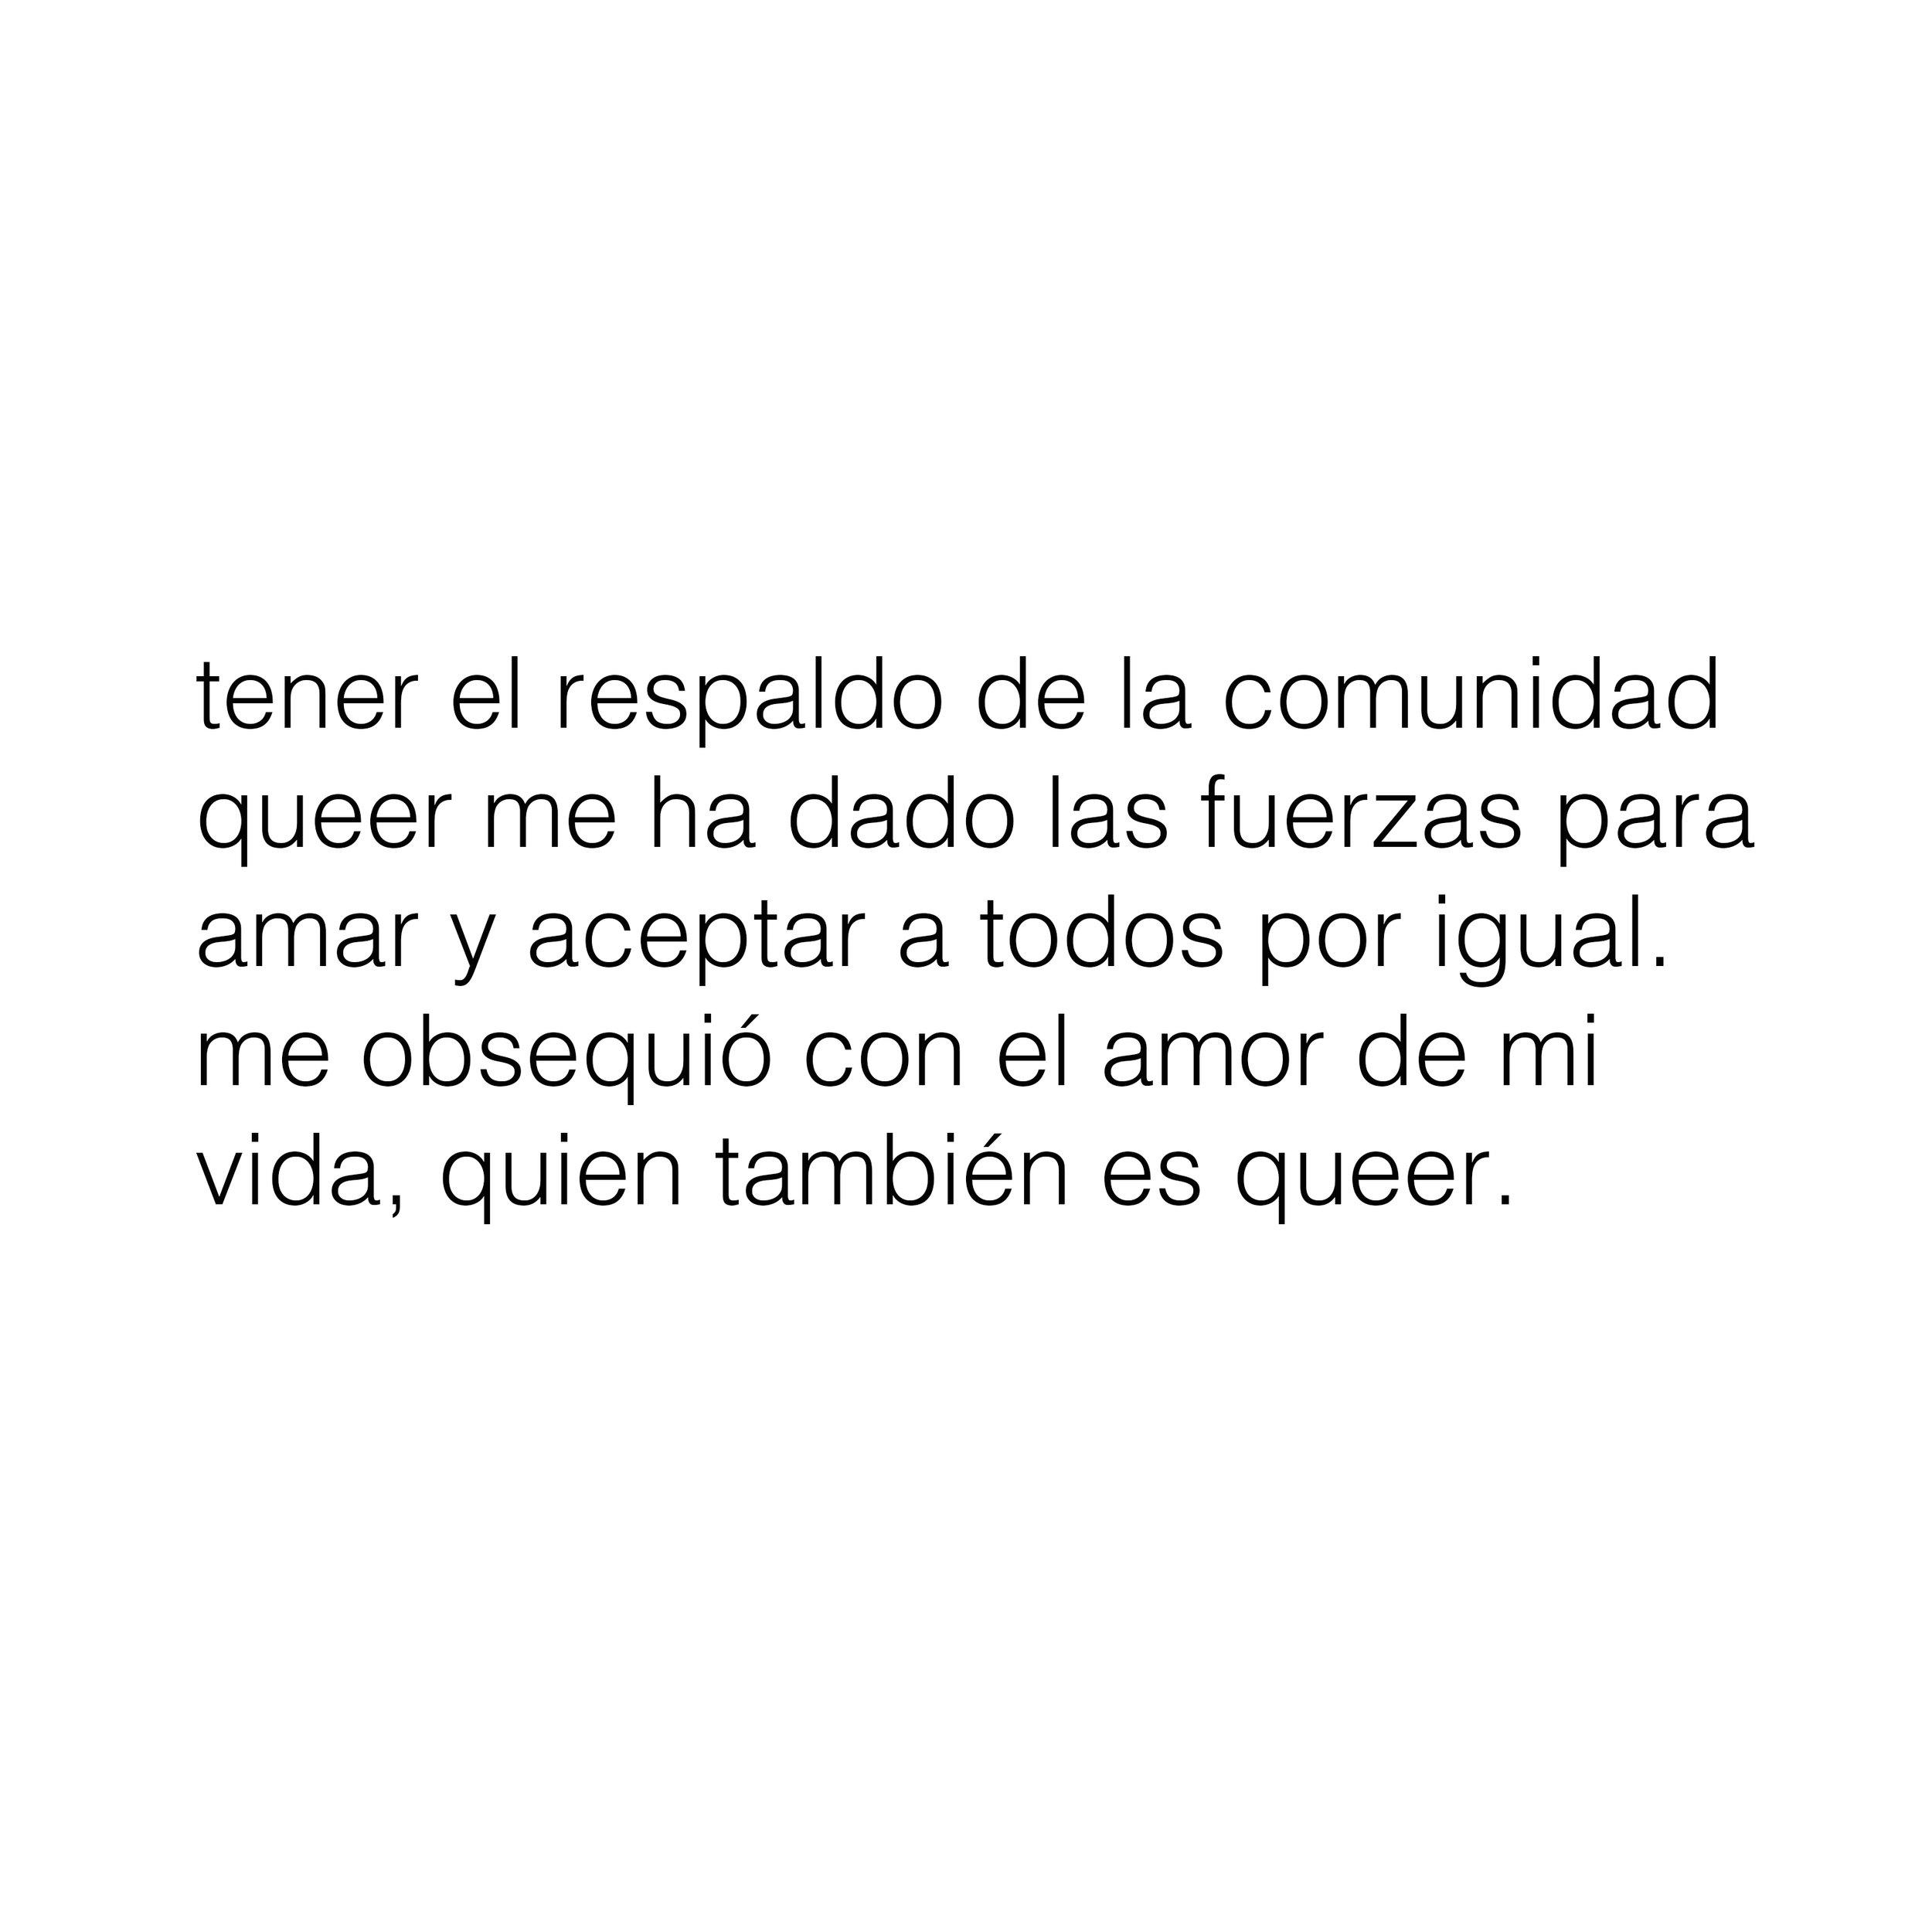 QueerLoveText_3.jpg